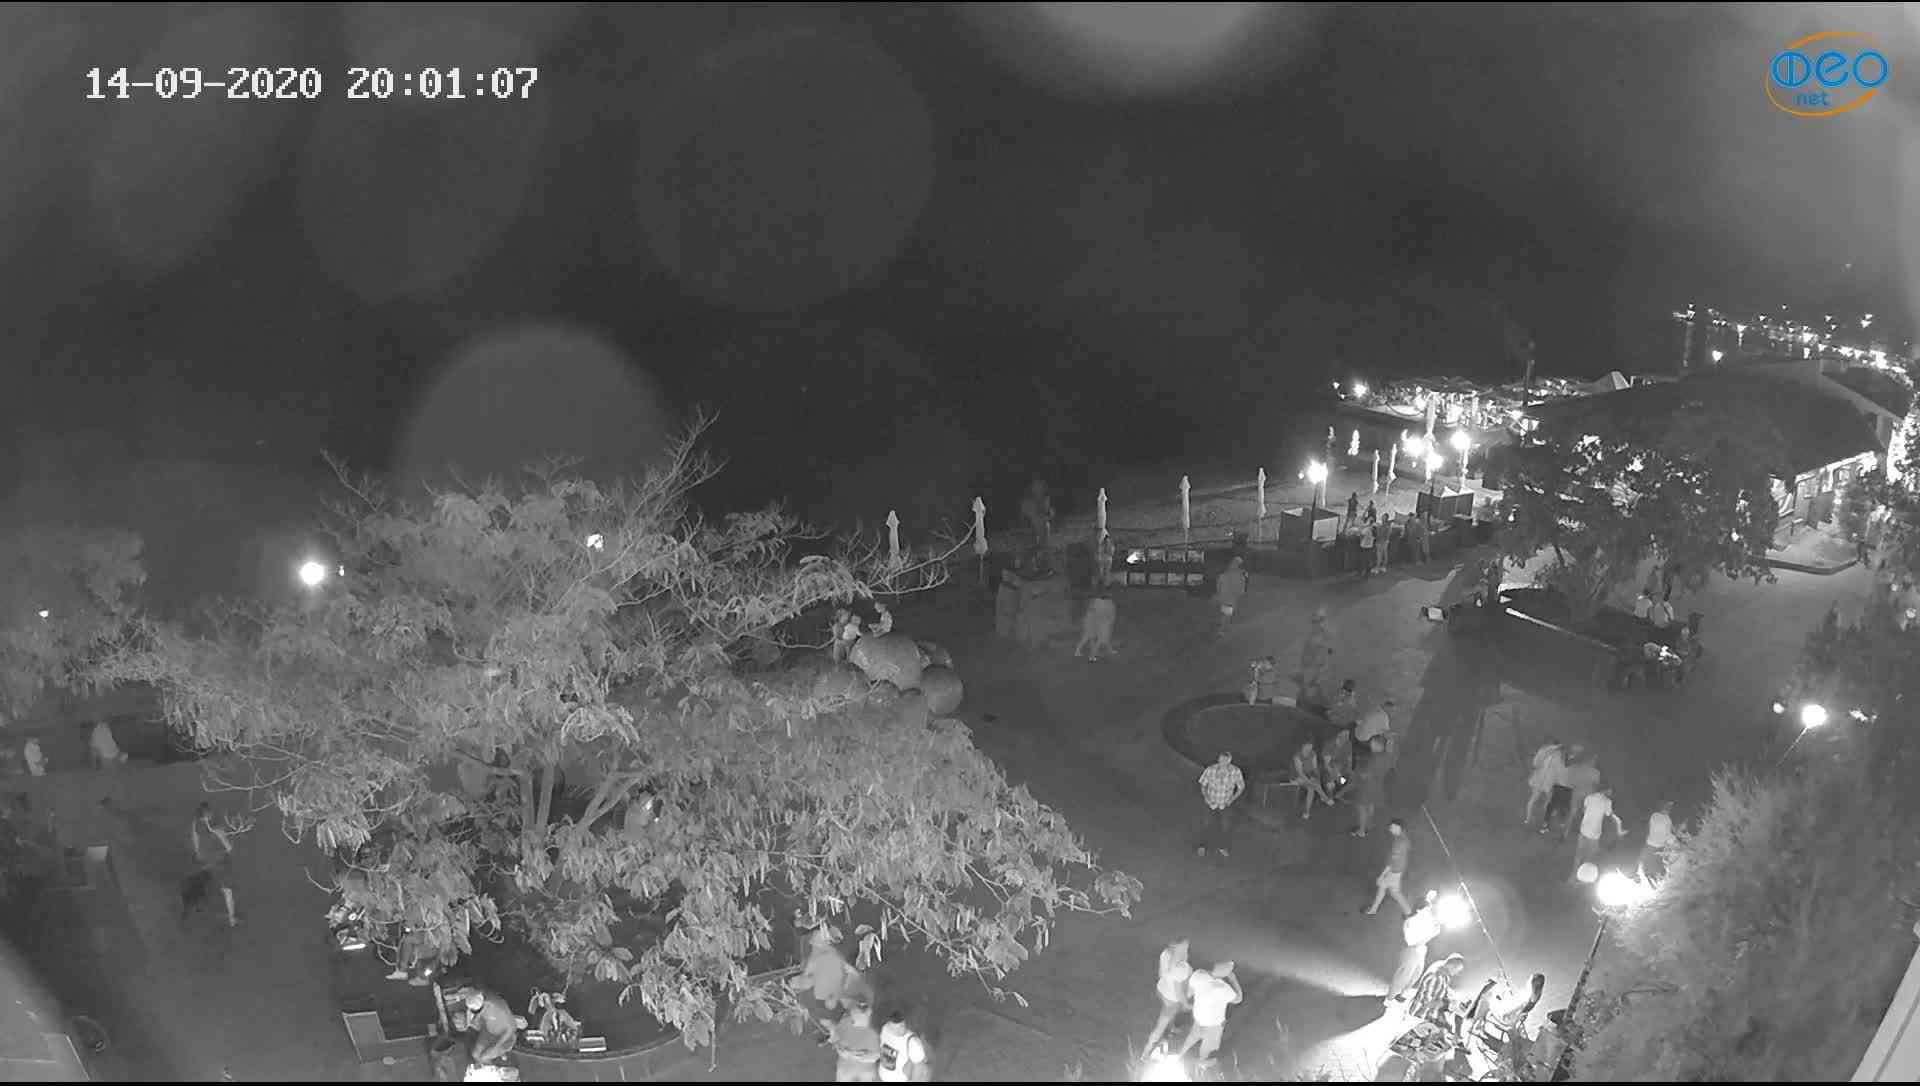 Веб-камеры Феодосии, Набережная Коктебель перед домом Волошина, 2020-09-14 20:01:26